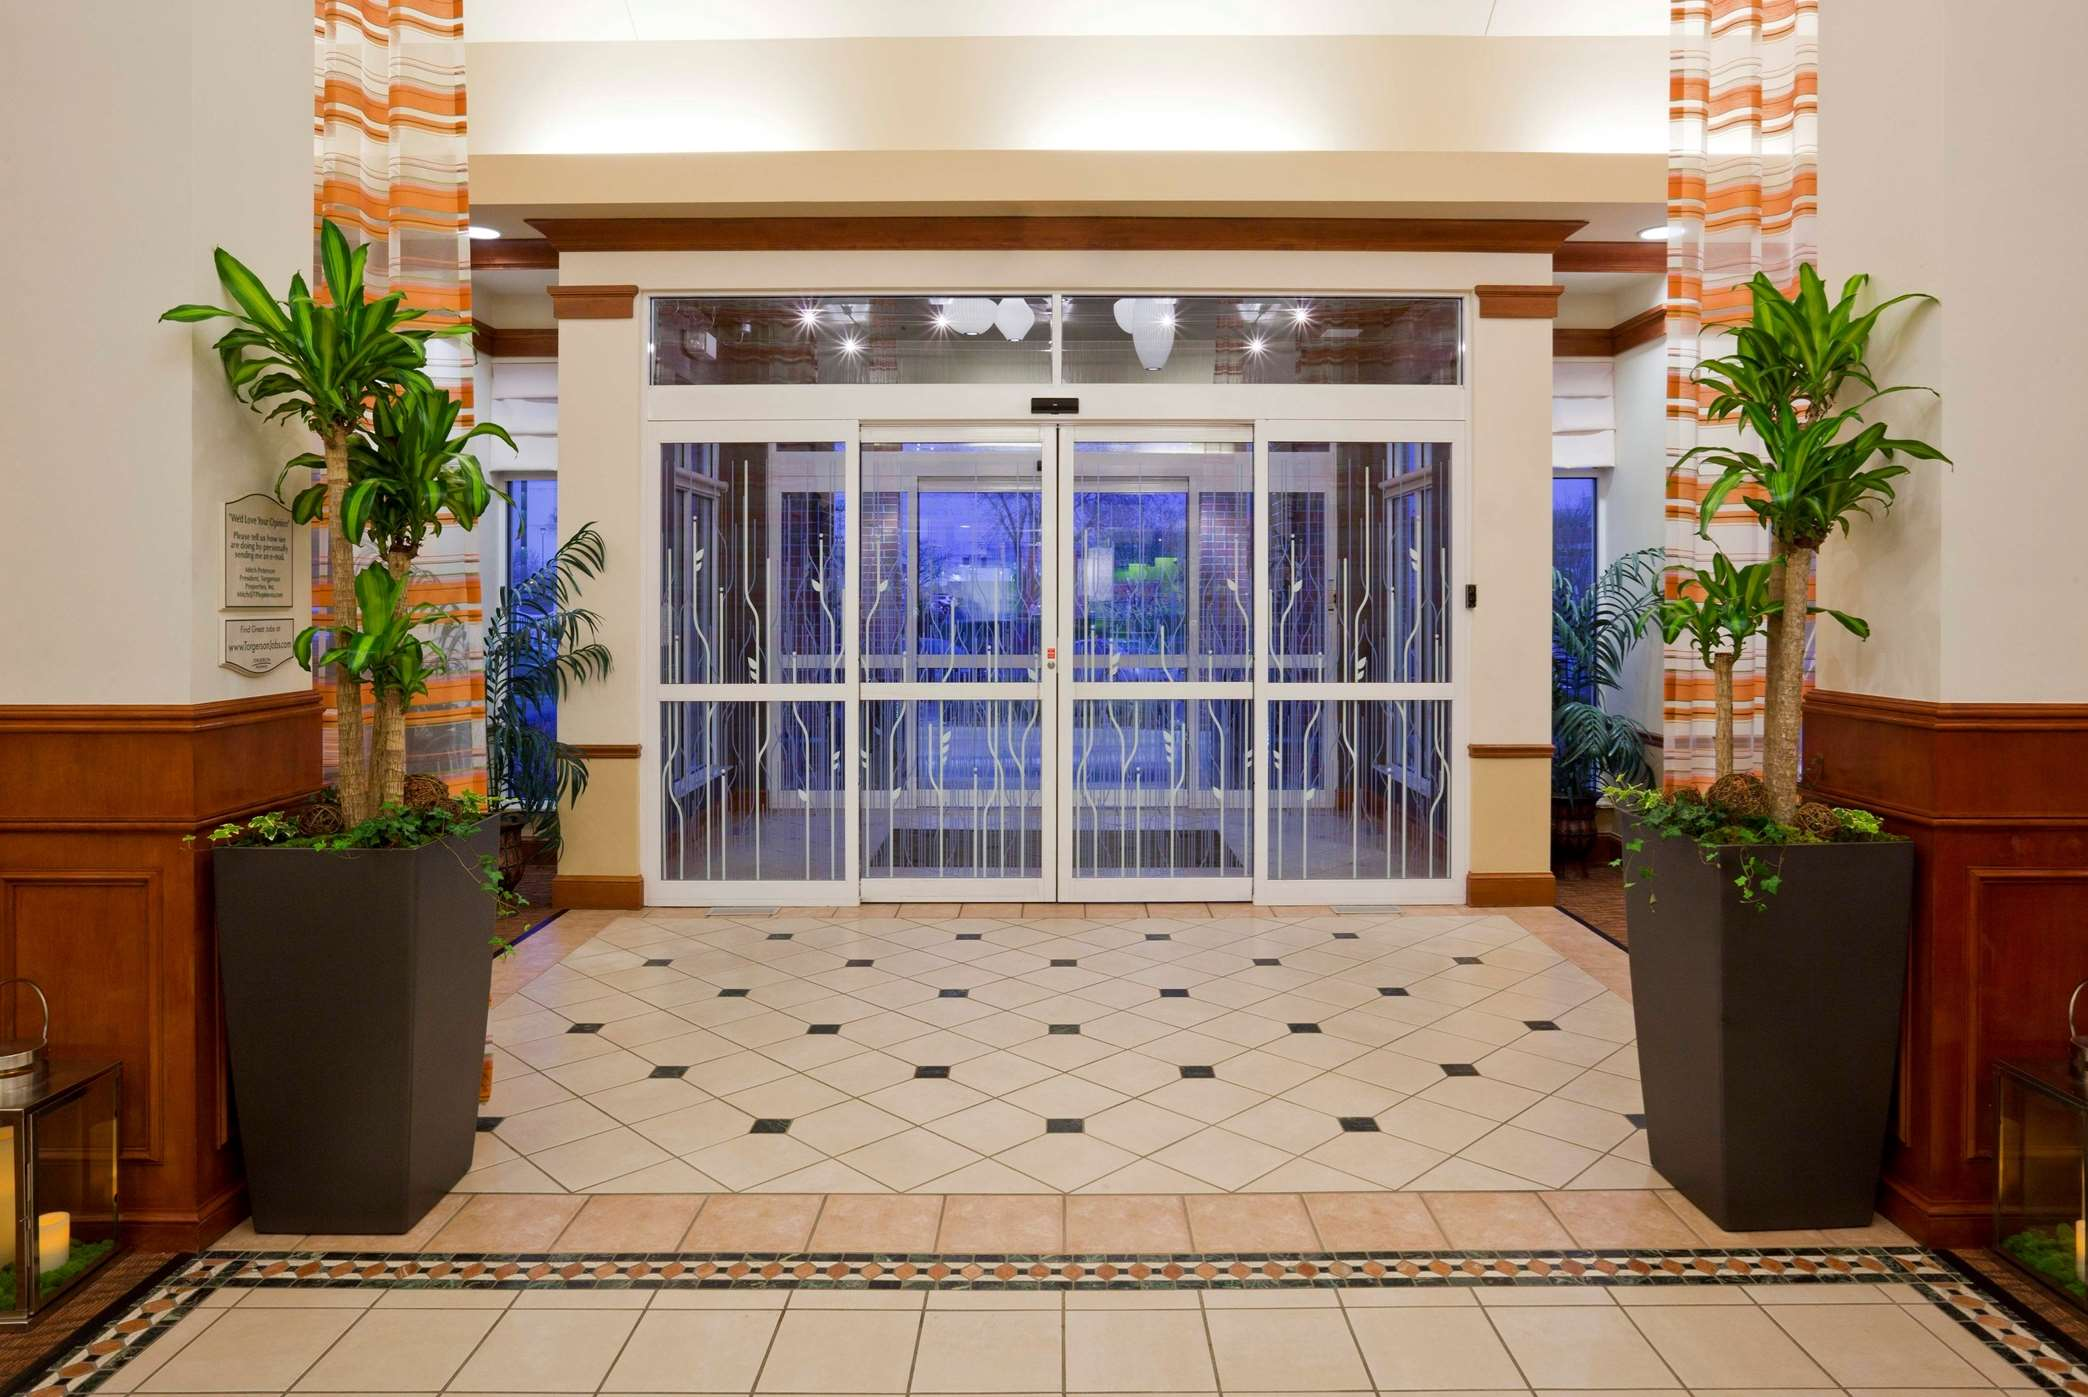 Hilton Garden Inn Minneapolis/Bloomington image 7